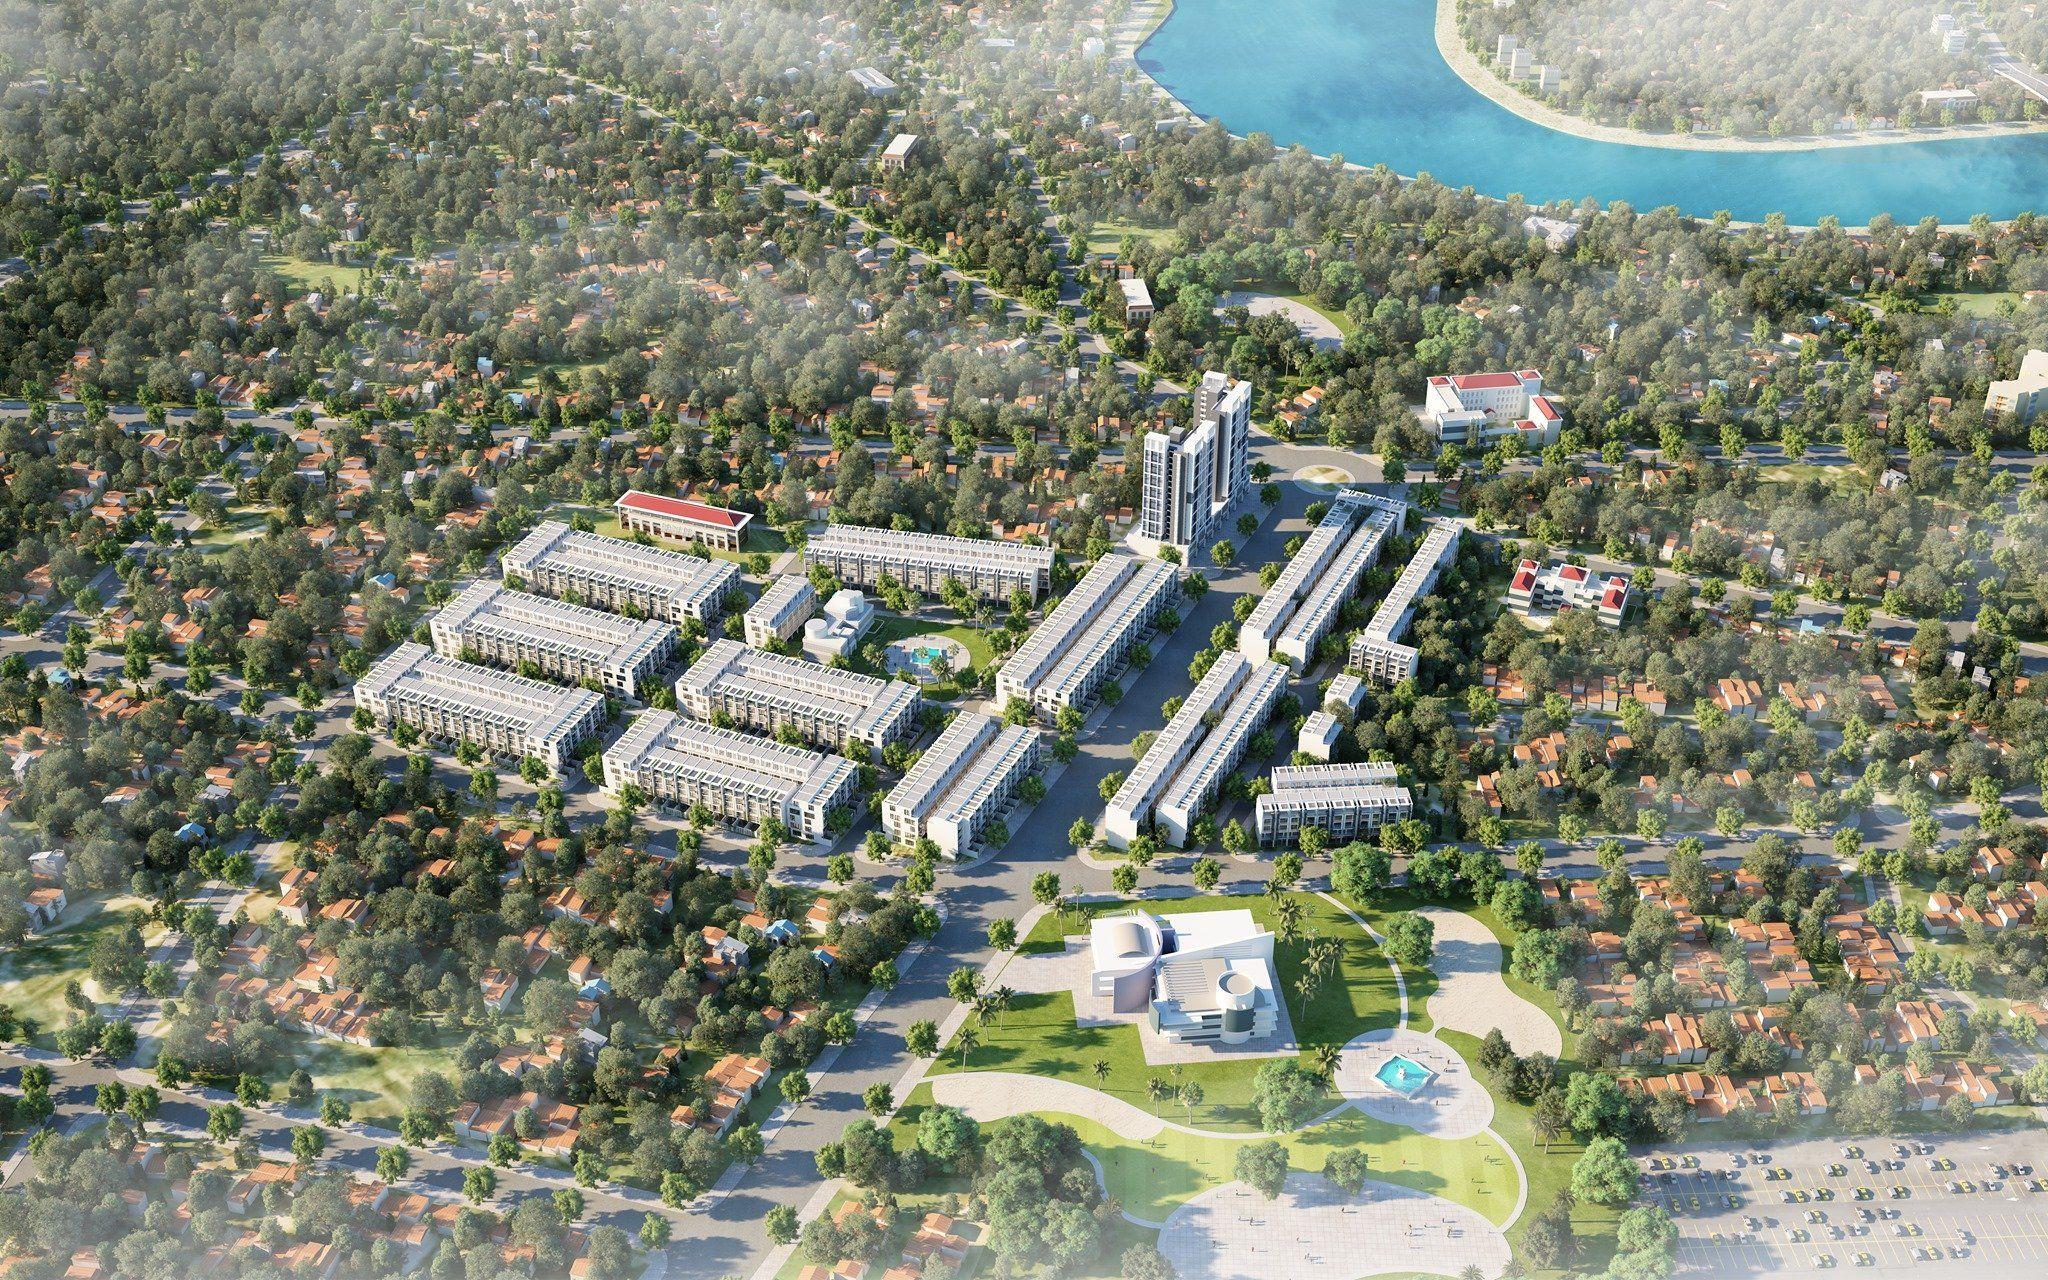 Khu đô thị mới Tân Tiến được xây dựng tại vị trí vàng của thị xã ...